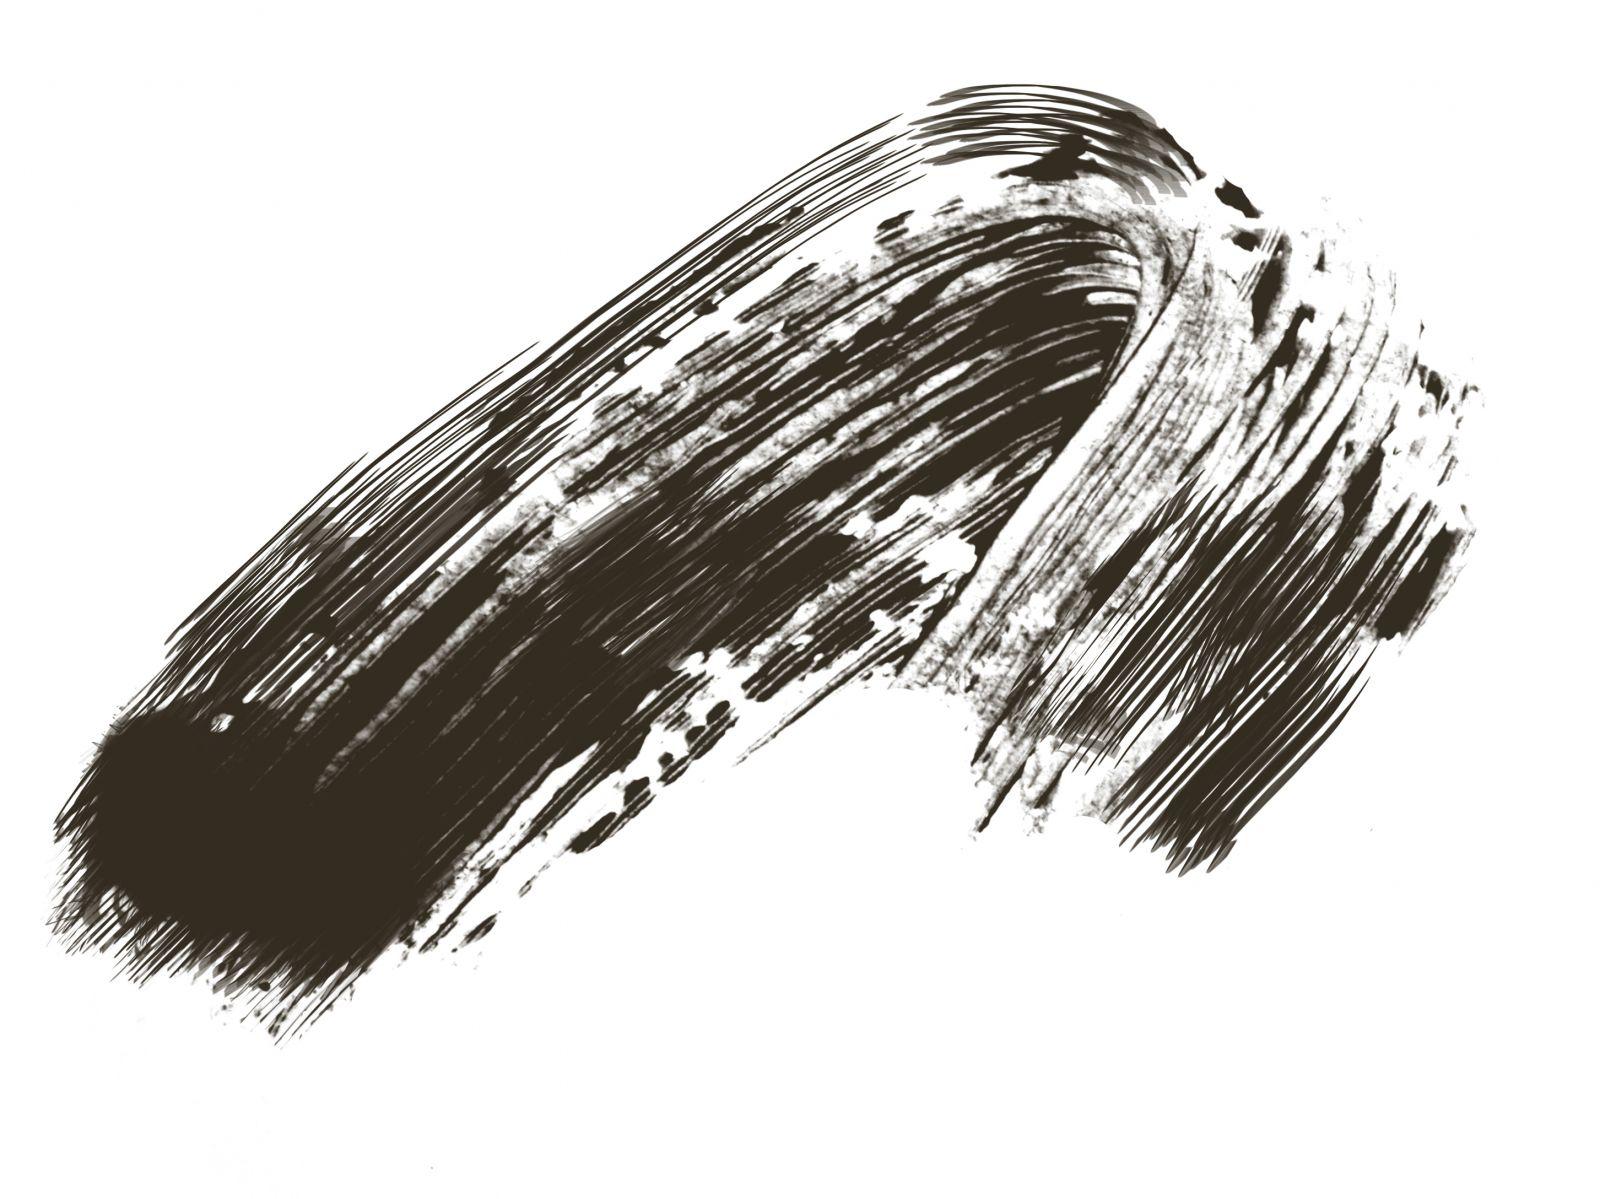 Эксклюзив для ресниц: новинка от Letoile selection - тушь для ресниц Exclusif